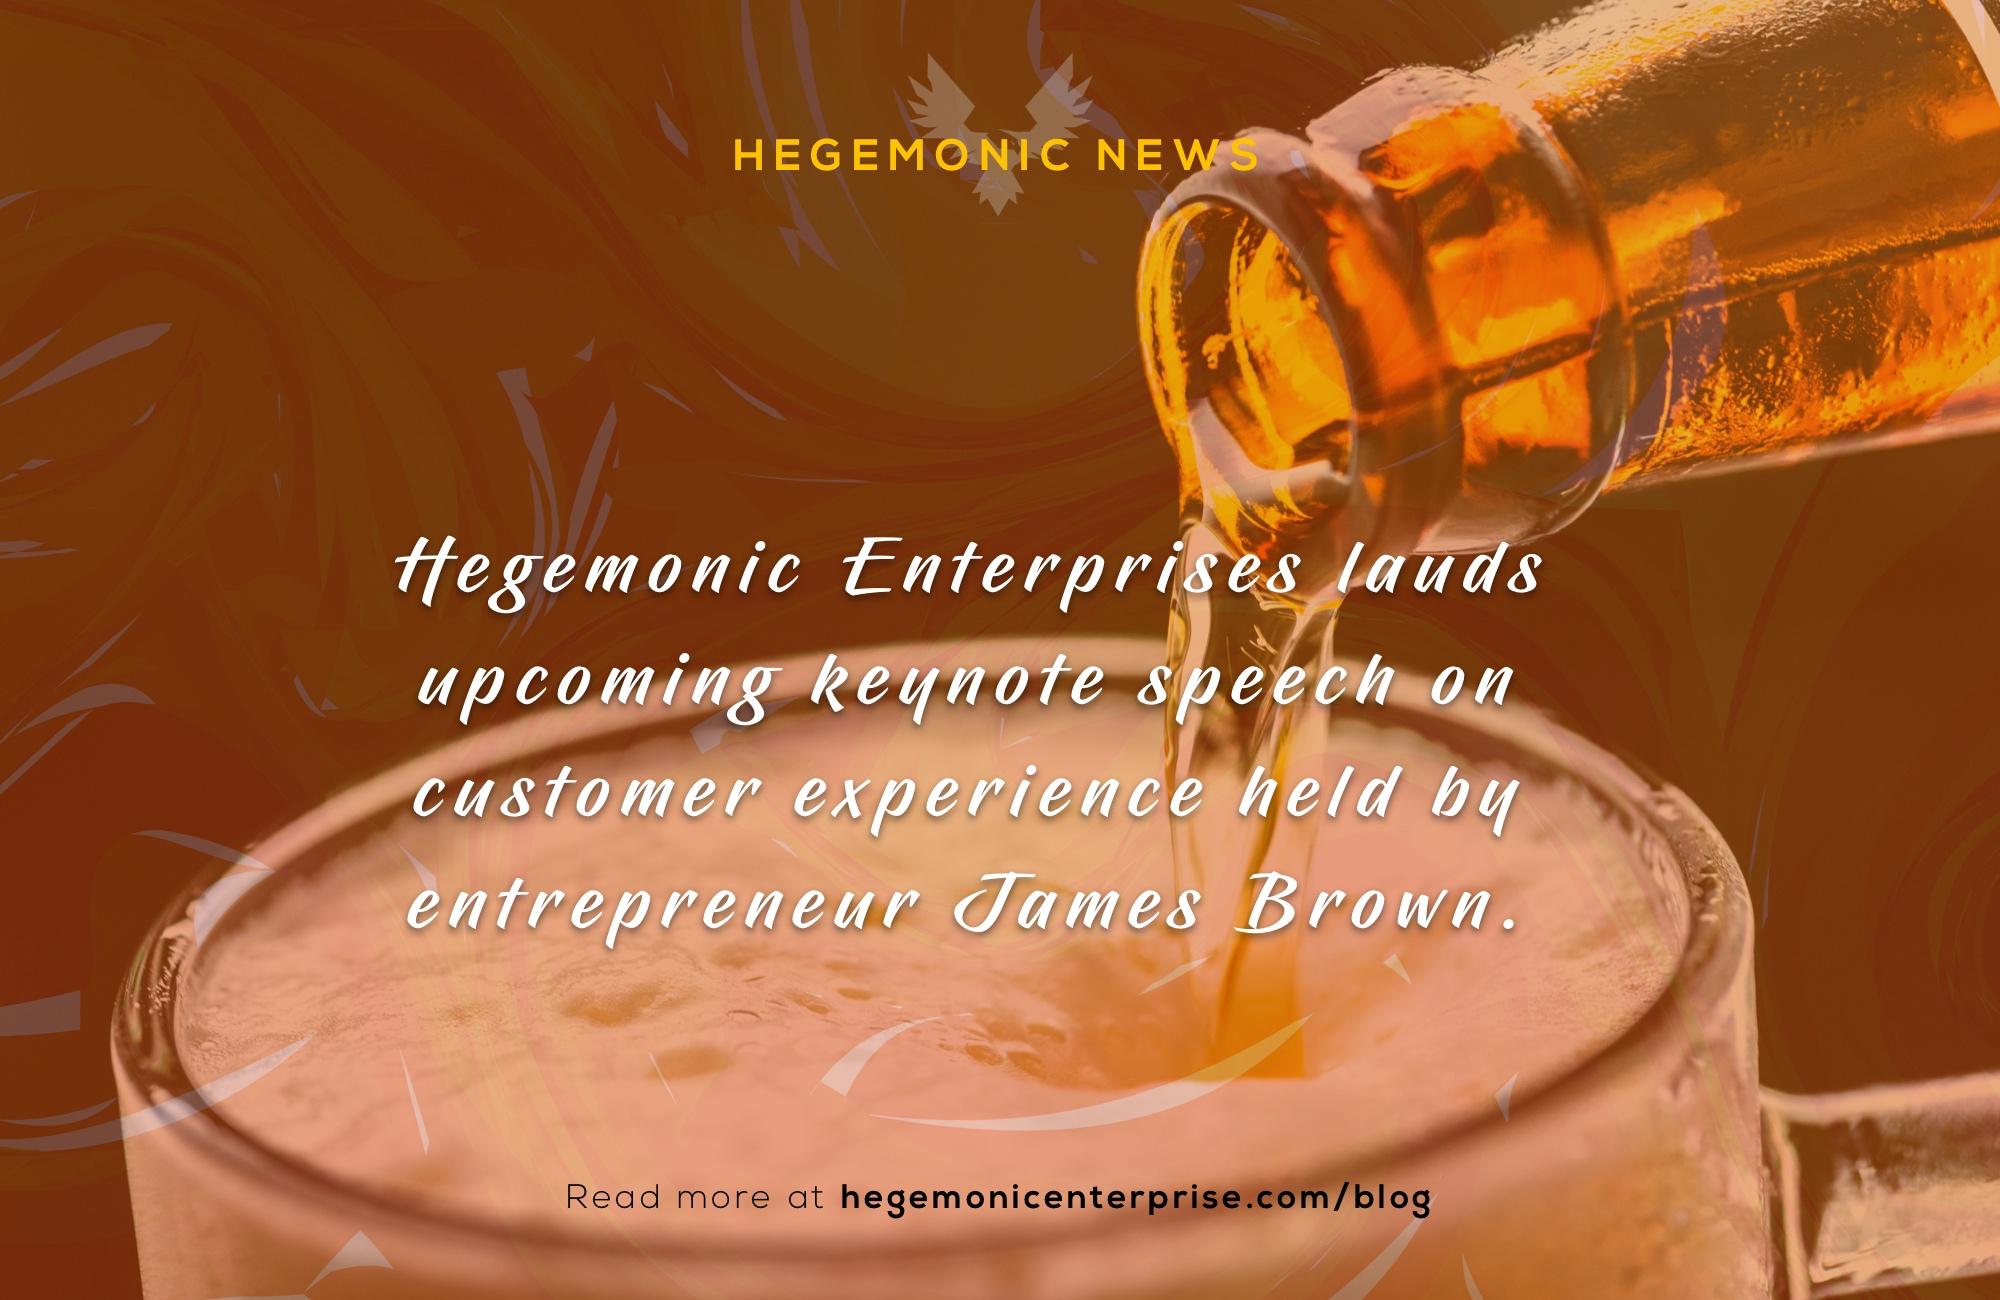 Hegemonic Enterprises lauds upcoming keynote speech on customer experience held by craft beer entrepreneur James Brown.